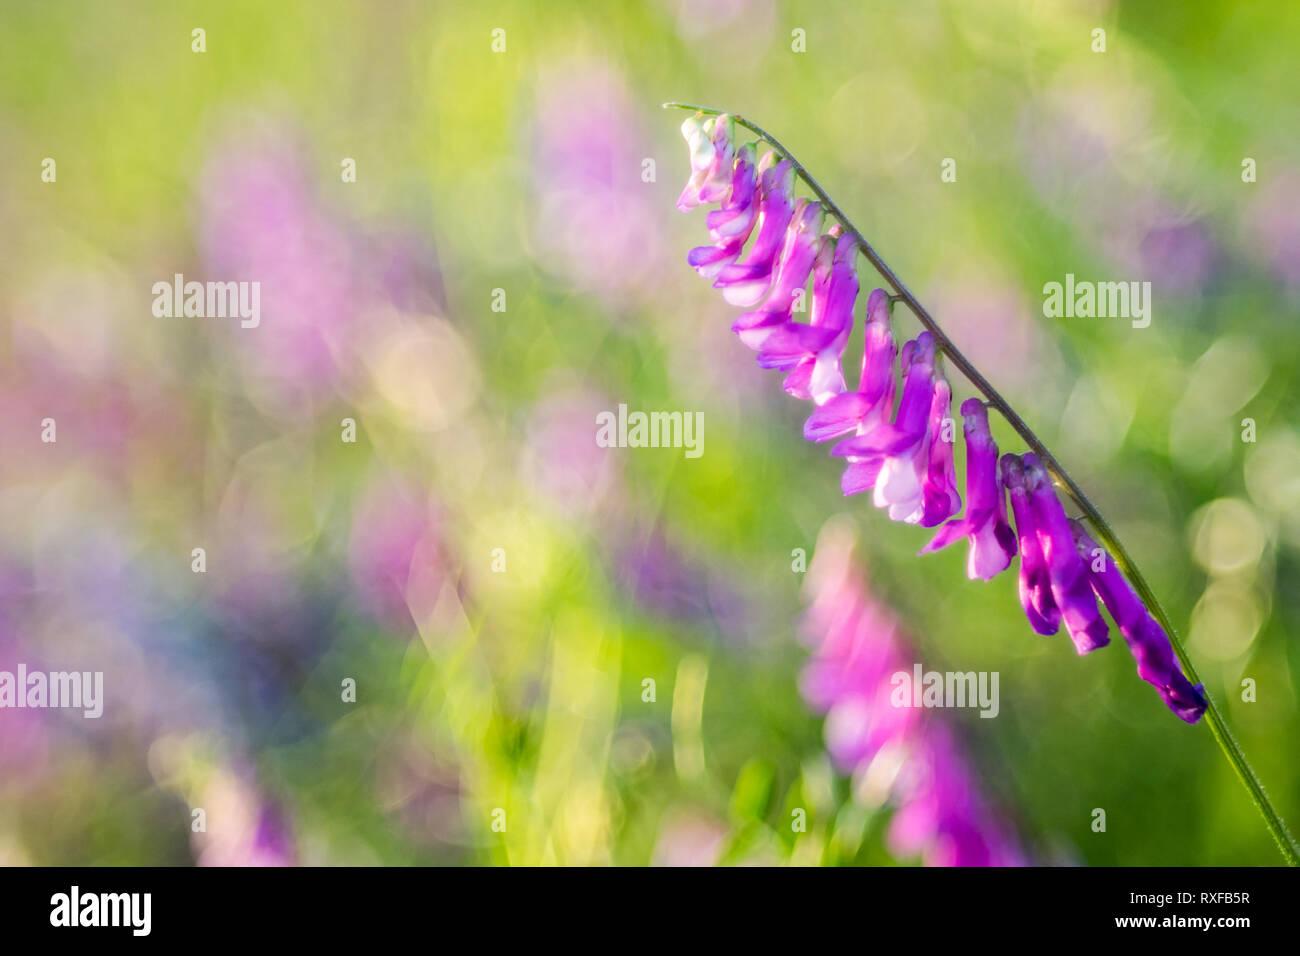 Vogelwicke (Vicia cracca). Violett blühende Wiesenblume auf strukturiertem Unschärfehintergrund - Stock Image